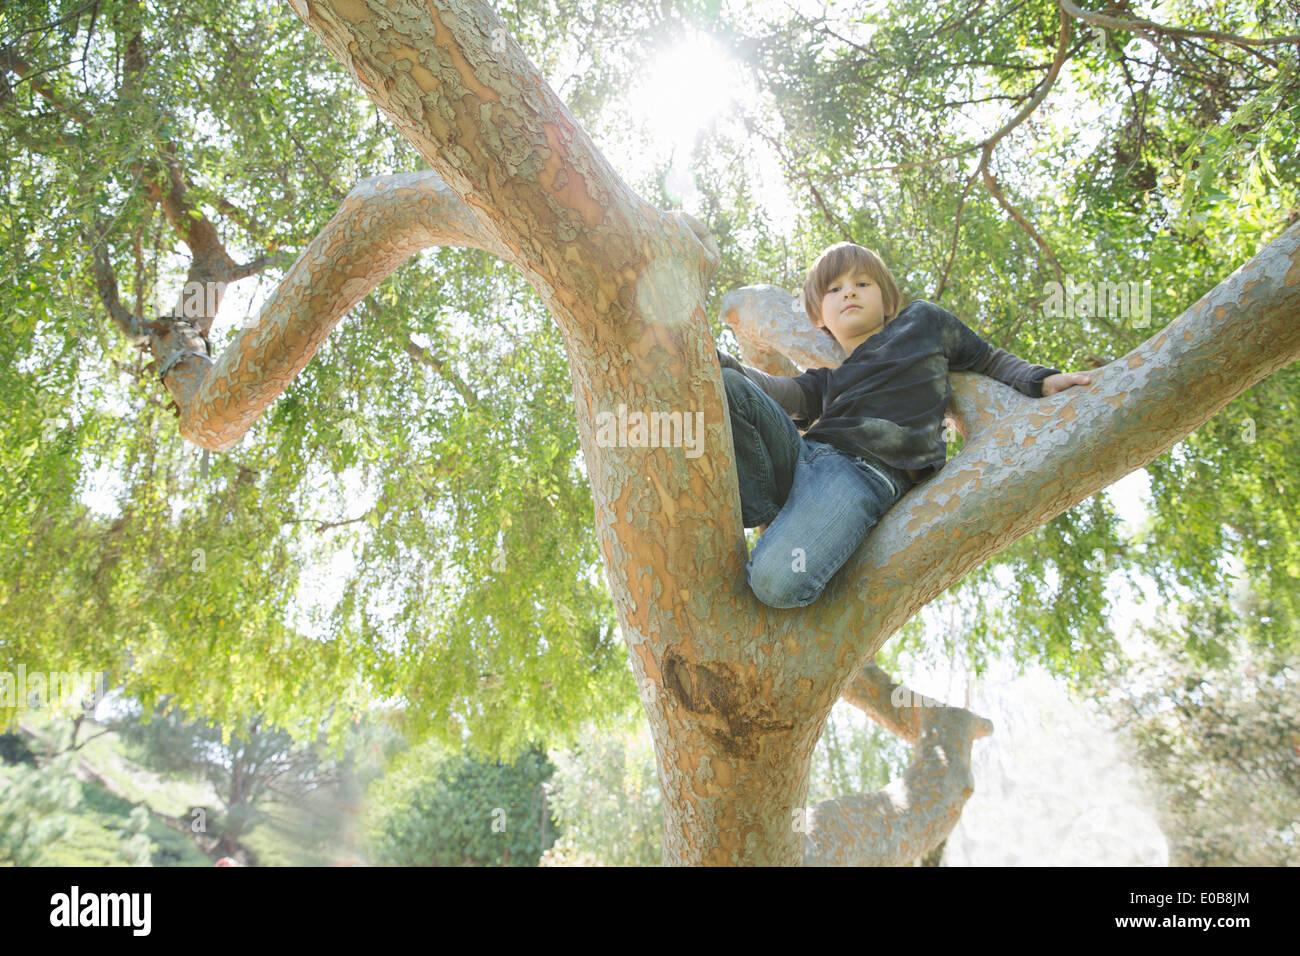 Ragazzo nascosto nella struttura ad albero e guardando verso il basso Immagini Stock